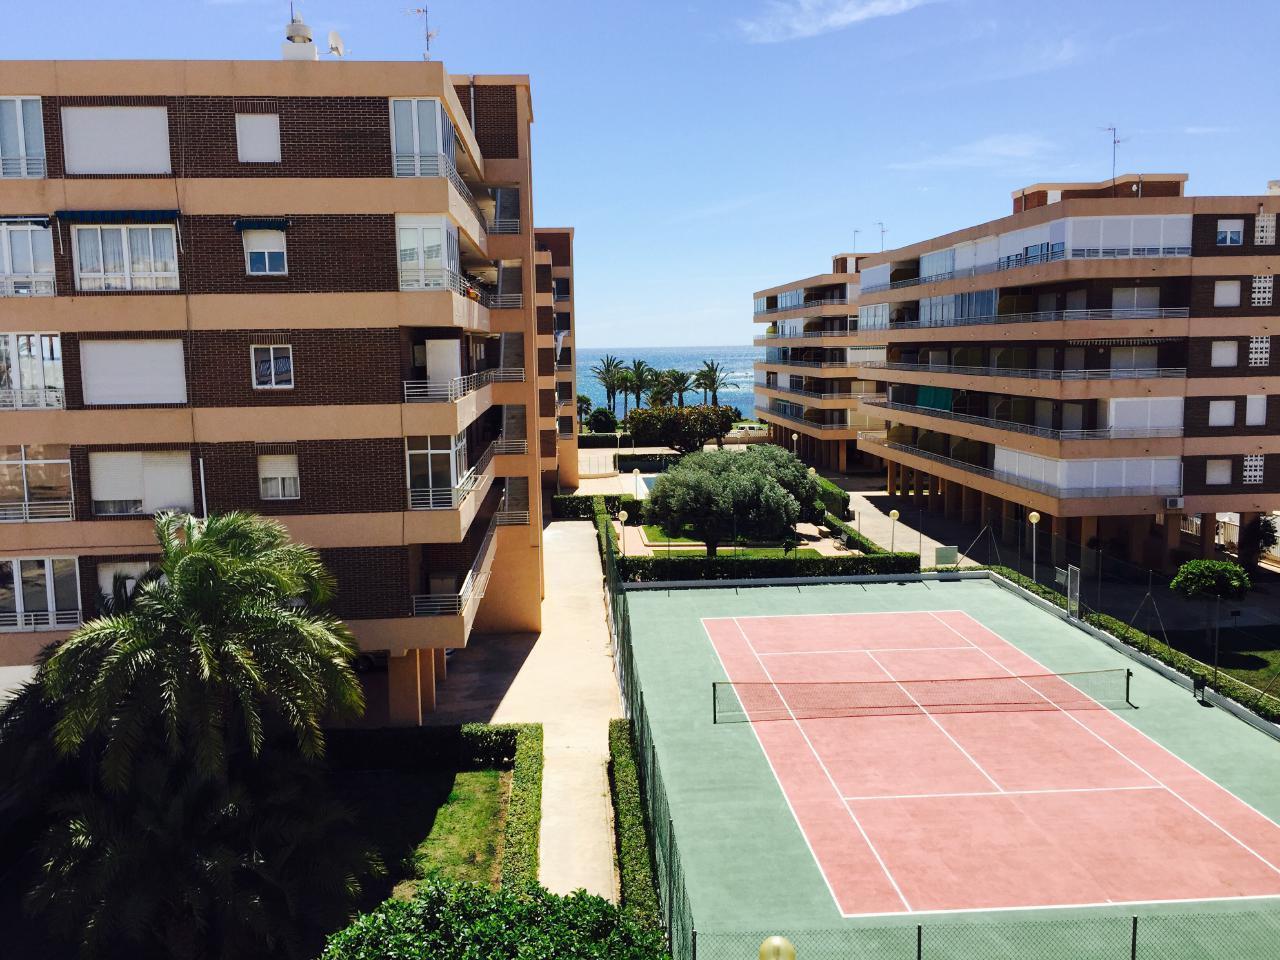 Ferienwohnung Sonnige 3.5 Zi-Wohnung am Meer (1026876), Torrevieja, Costa Blanca, Valencia, Spanien, Bild 3